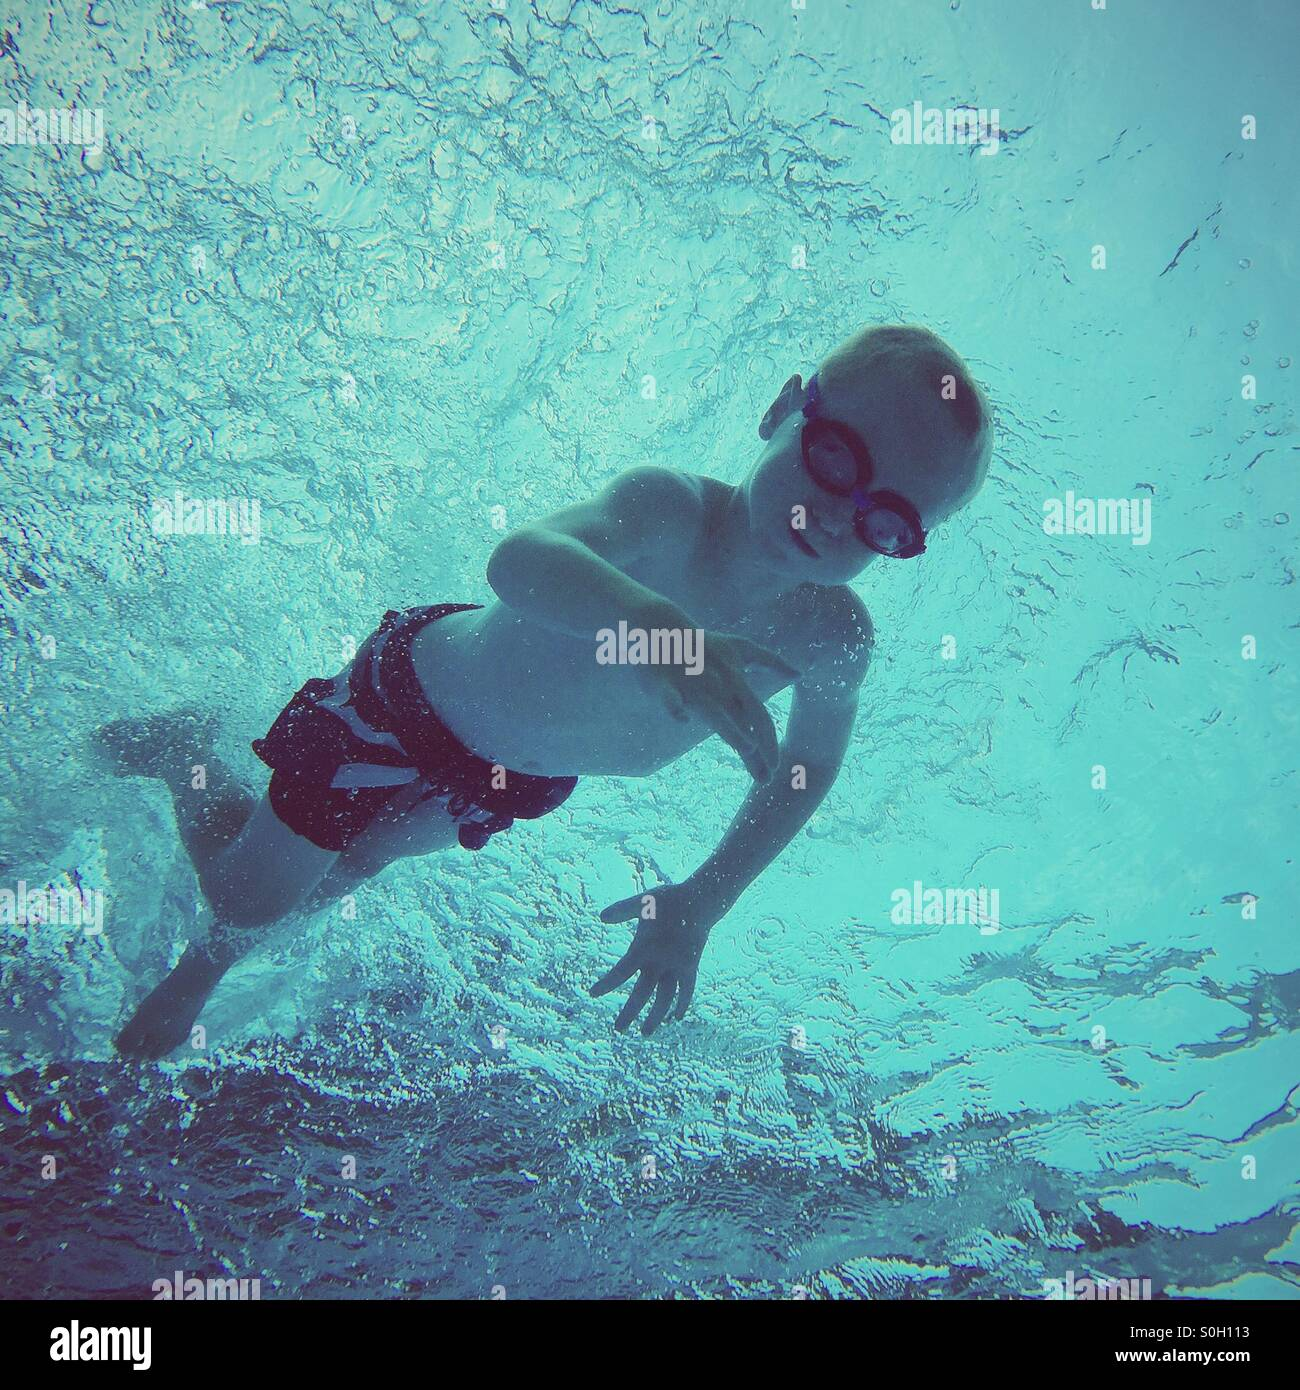 Underwater un jeune garçon nager vers la surface de l'eau, tourné à partir de ci-dessous. Photo Stock